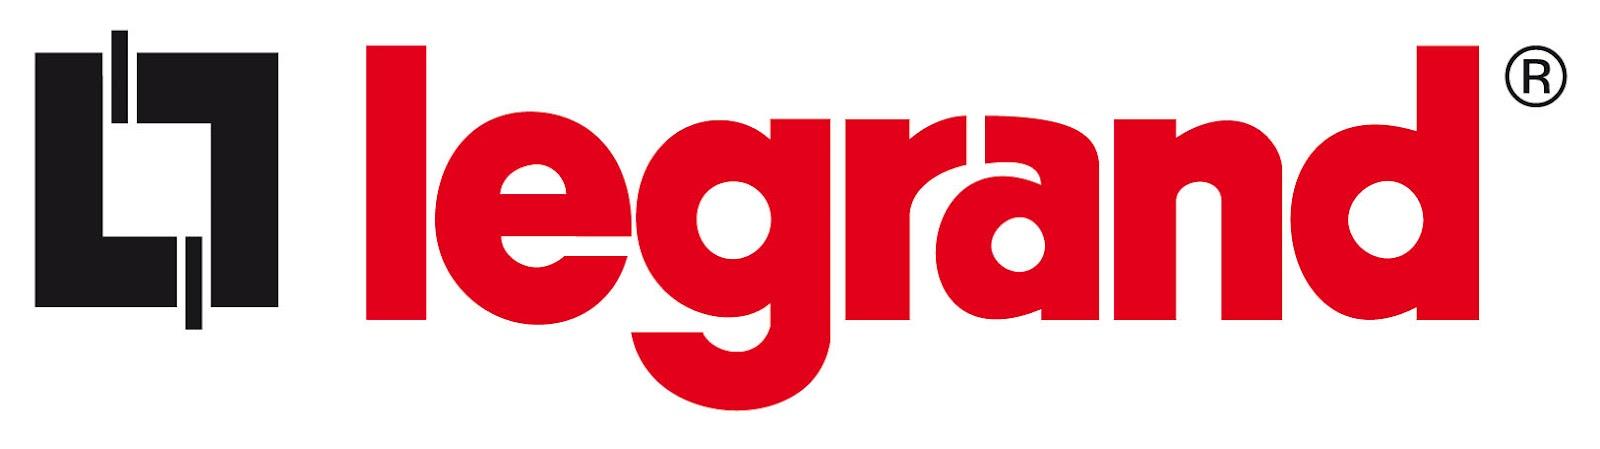 Vematel Bibl On Cat Logos Y Tarifas Cat Logo General